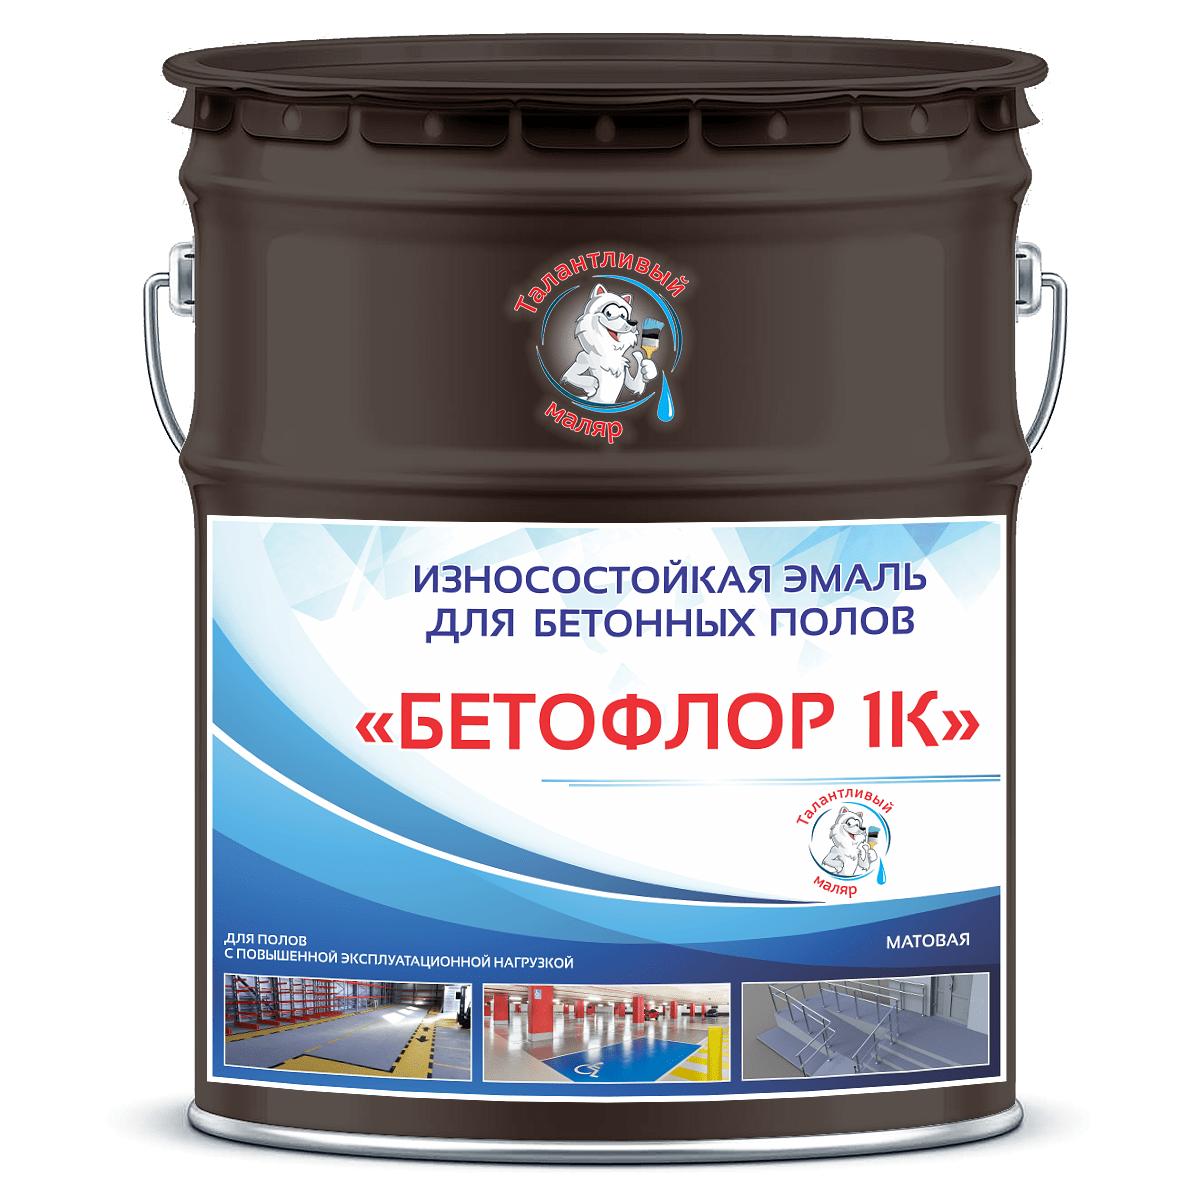 """Фото 14 - BF8019 Эмаль для бетонных полов """"Бетофлор"""" 1К цвет RAL 8019 Серо-коричневый, матовая износостойкая, 25 кг """"Талантливый Маляр""""."""